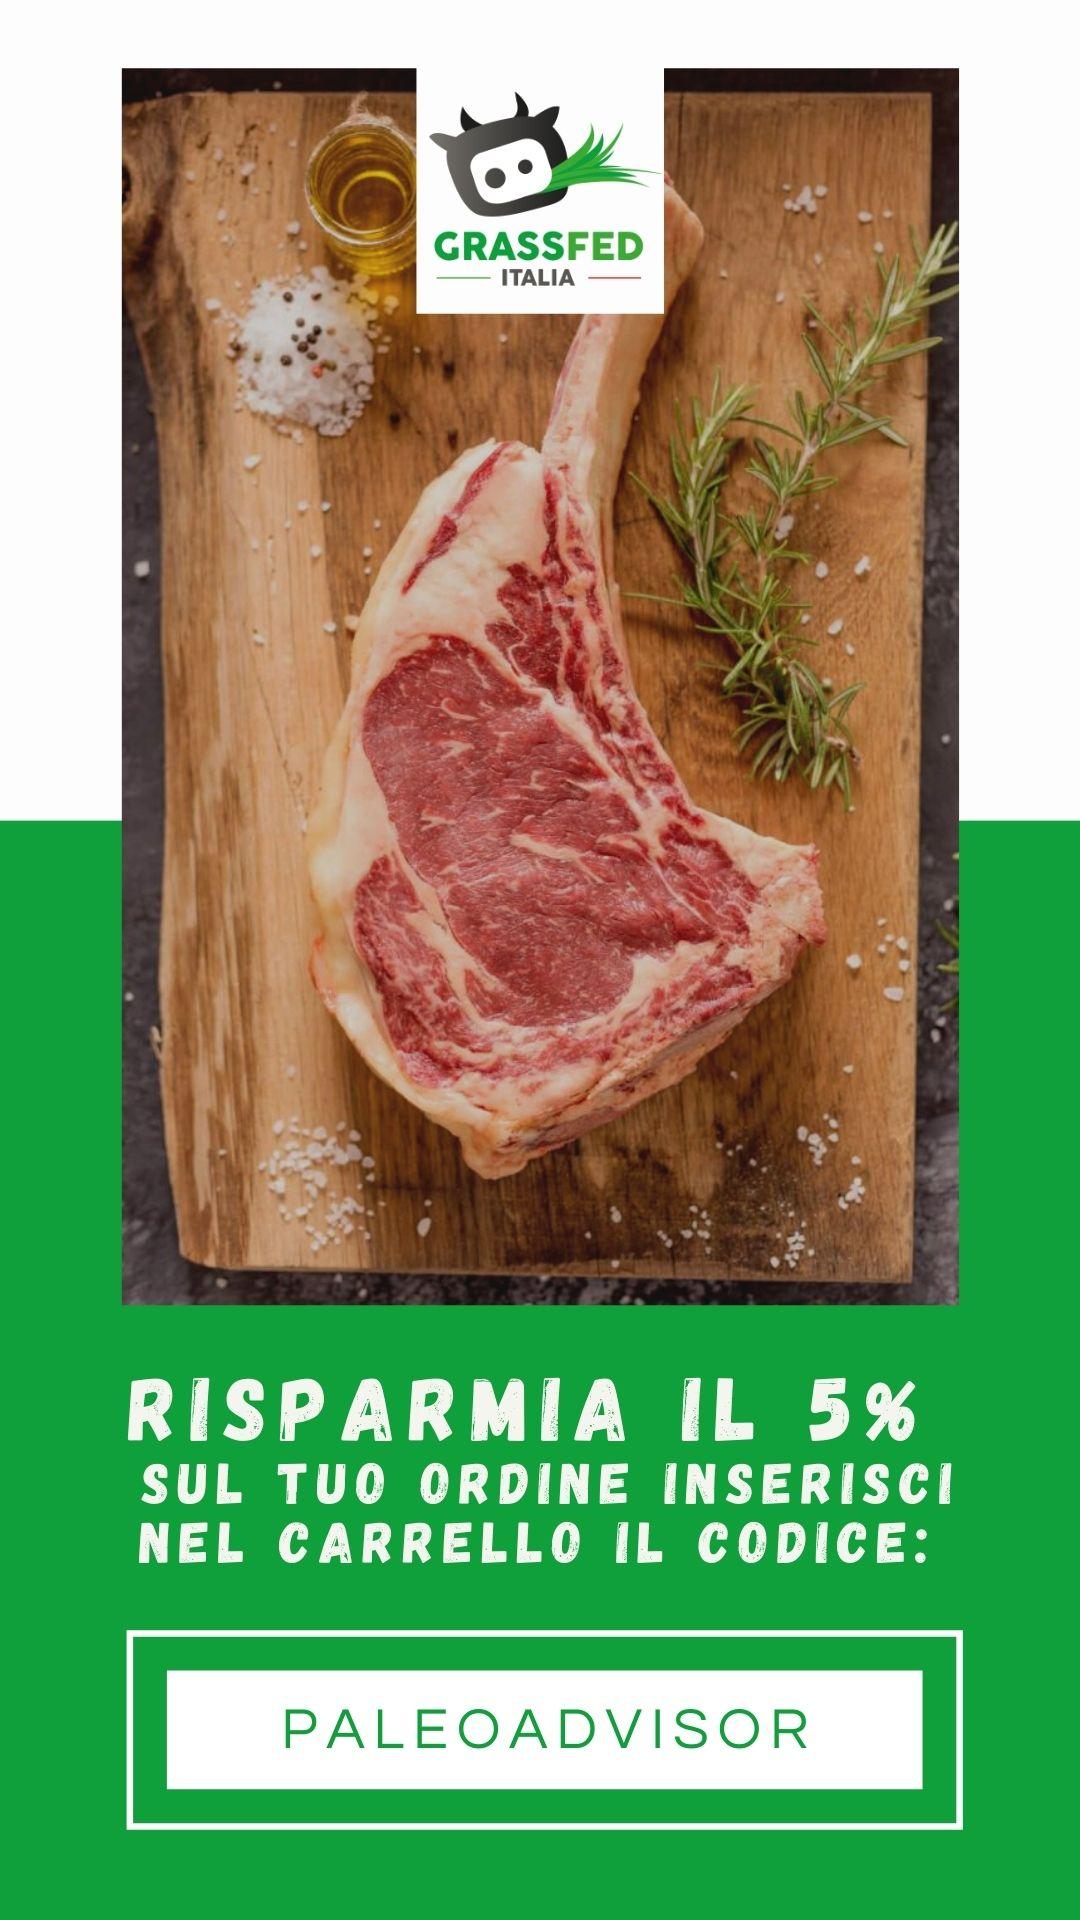 sconto carne grass fed italia